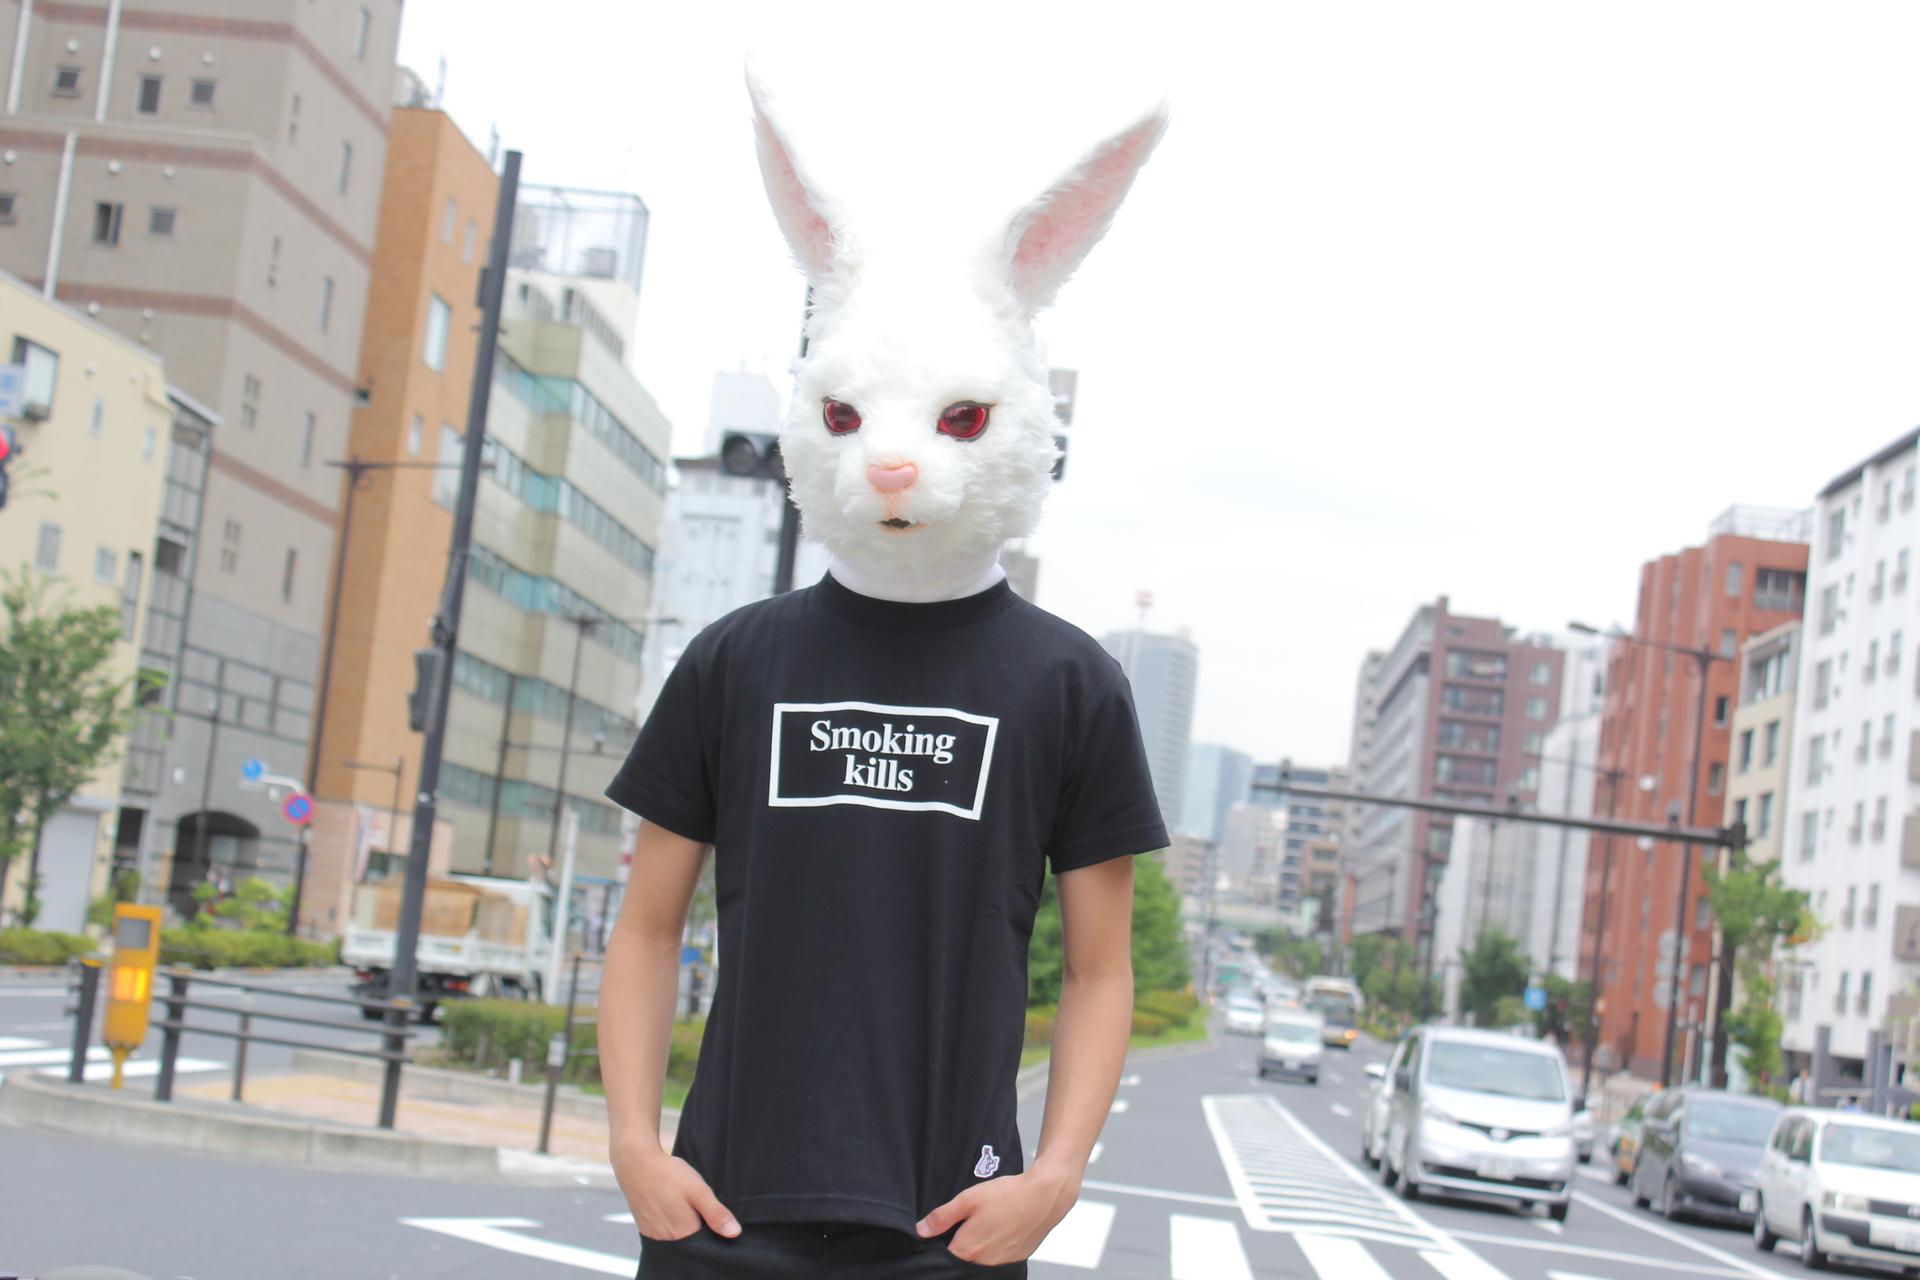 FR2/石川涼インタビュー Instagram以後のファッションブランドと絶望